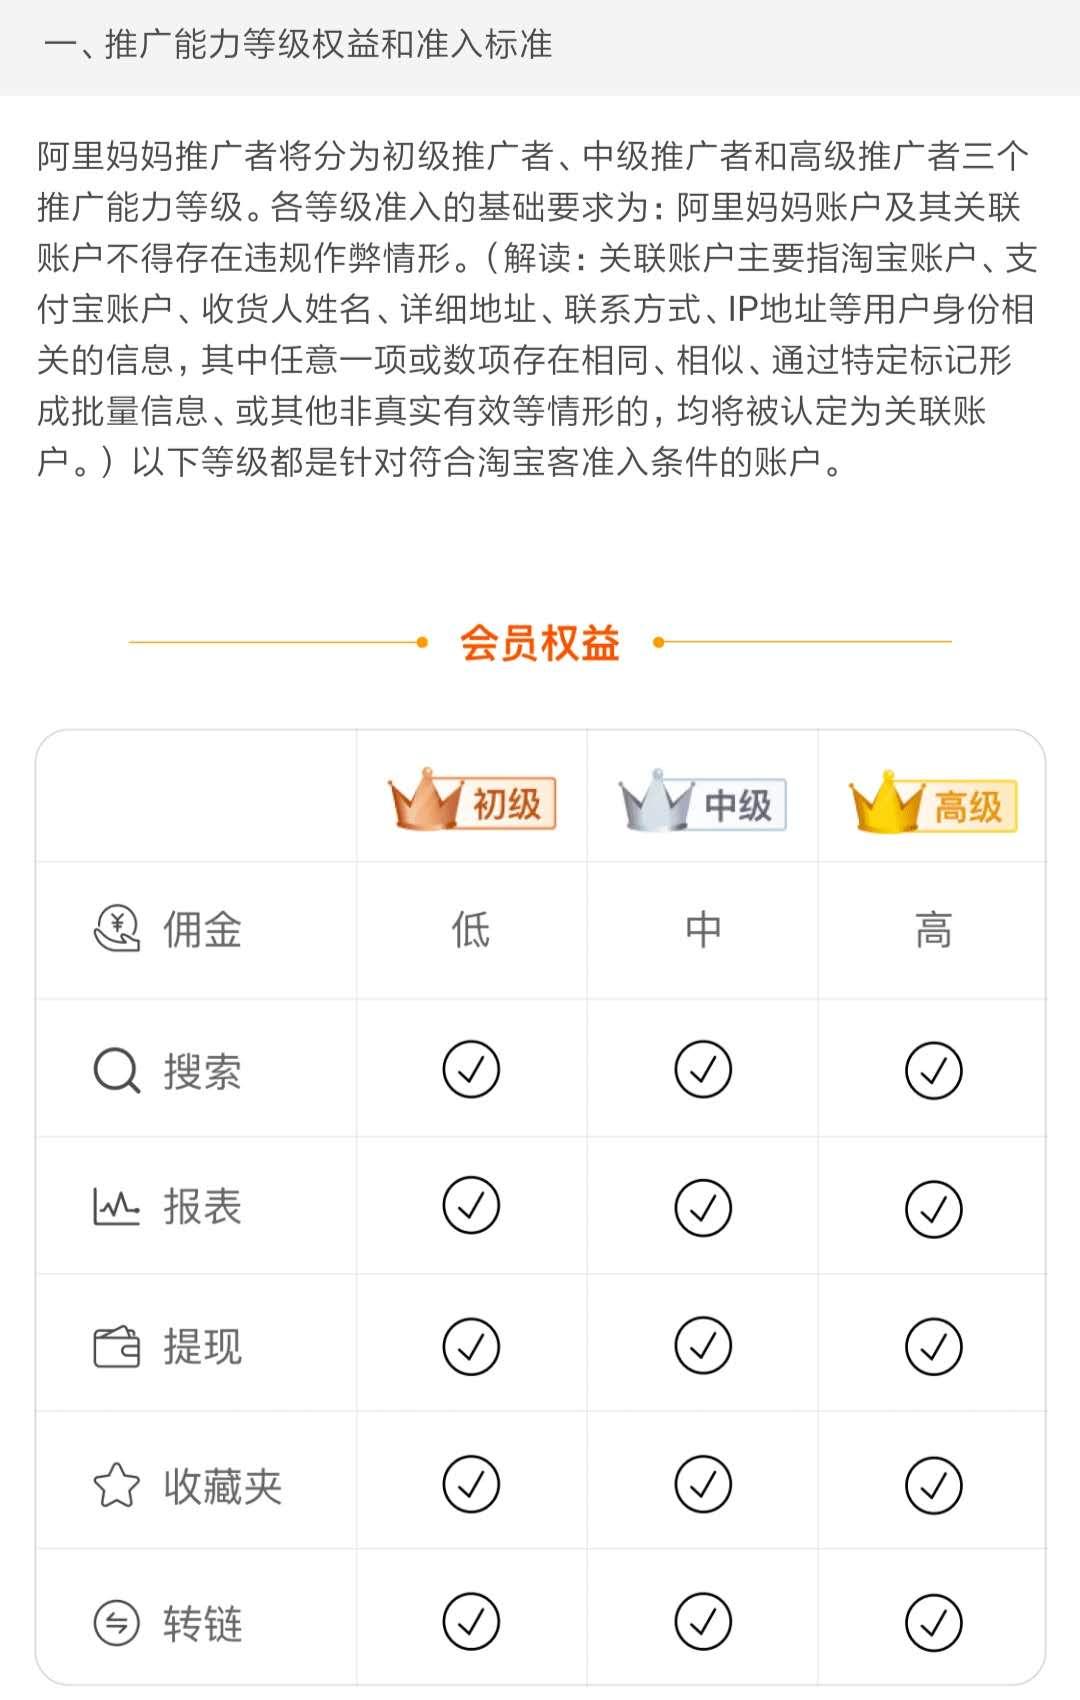 http://www.shangoudaohang.com/jinkou/310271.html